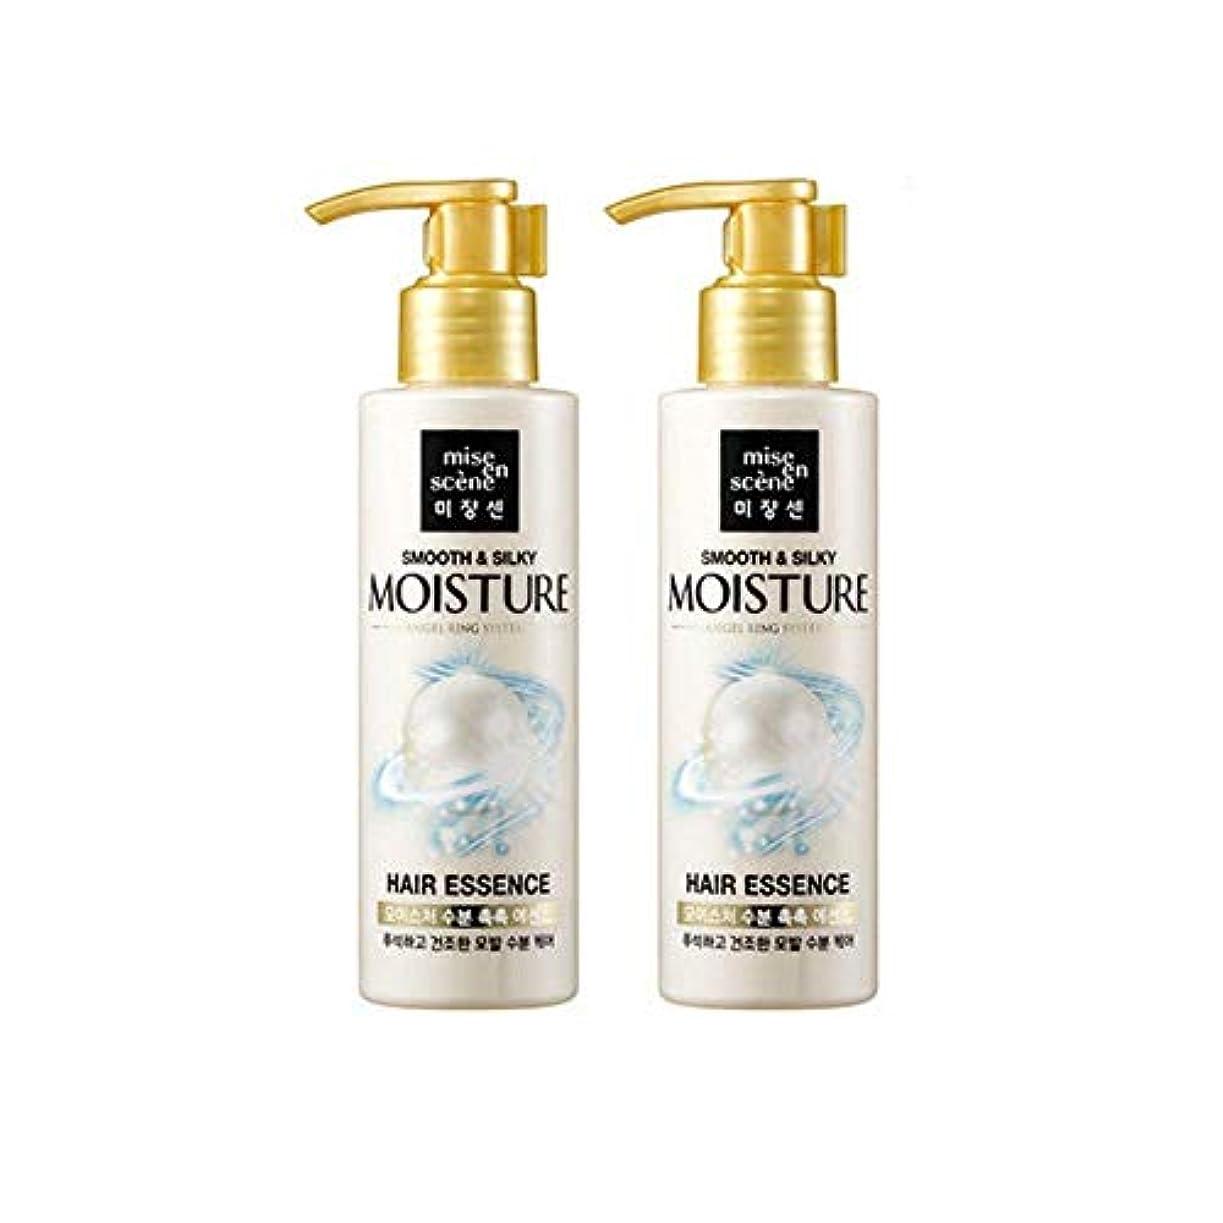 コーンウォールしたいオーク[miseenscene] 1+1 ミジャンセン スムース&シルキー モイスチャー ヘアエッセンス 髪の美容液 140ml×2本(smooth&silky moisture hair essence 140ml×2)